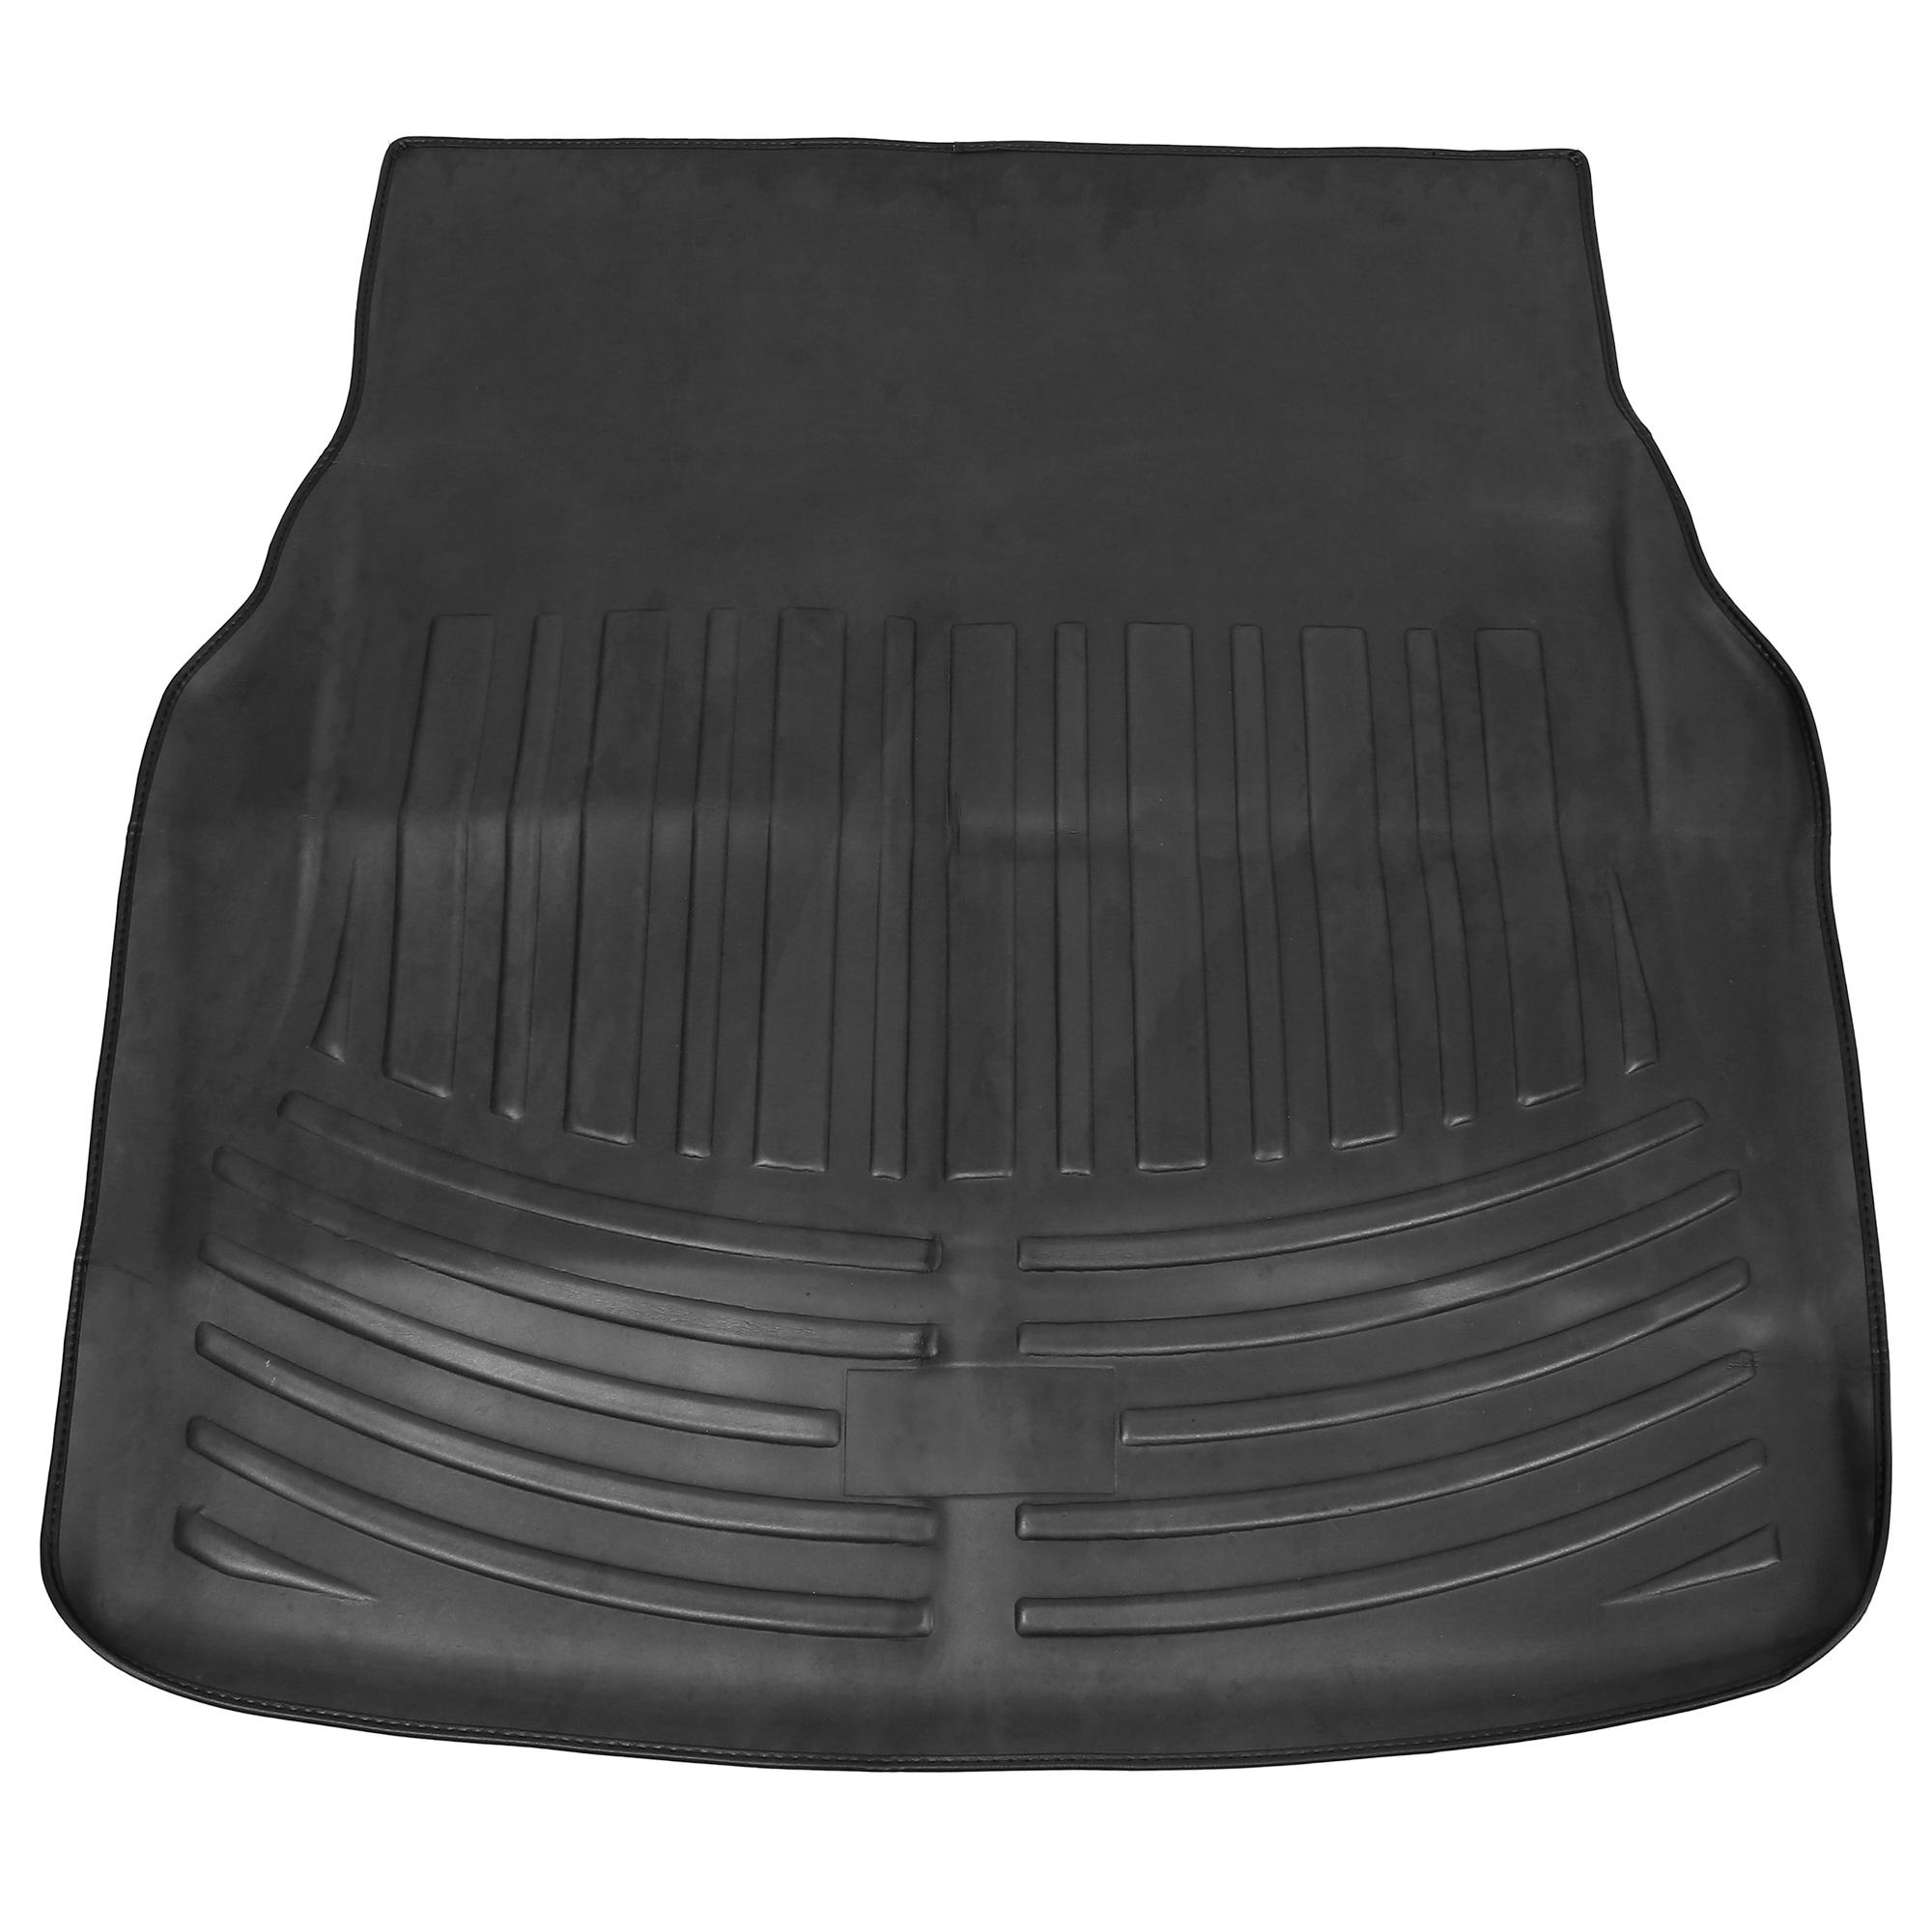 Car EVA Trunk Cargo Mat Rear Trunk Liner Tray Floor Pad for Mercedes Benz CLS